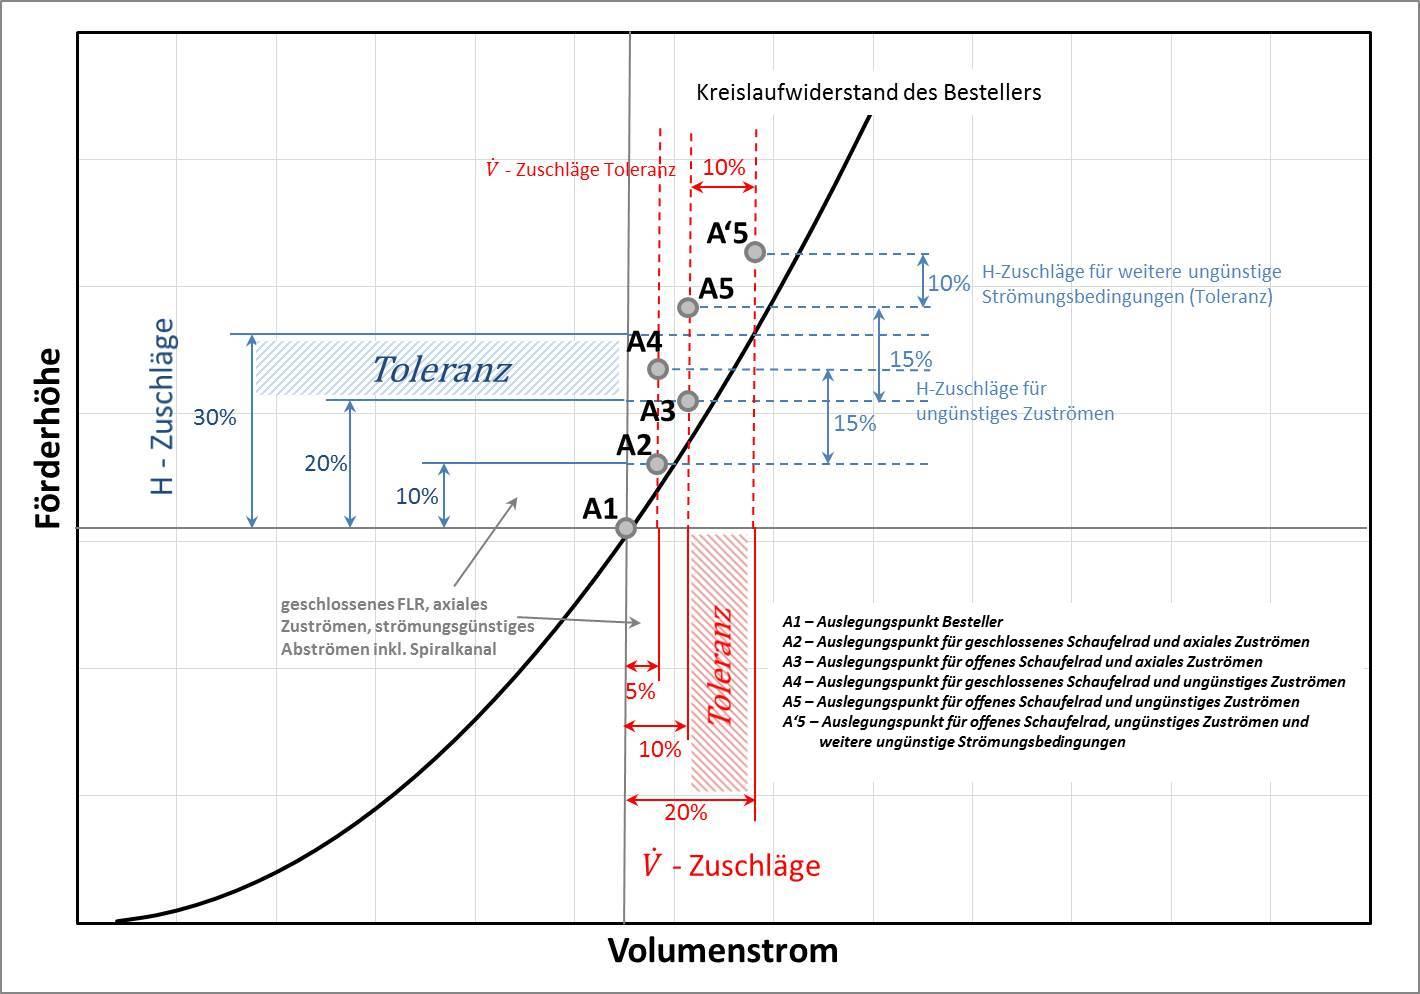 Notwendige Zuschläge zu Förderhöhe und Volumenstrom nach Sierakowski/Amm